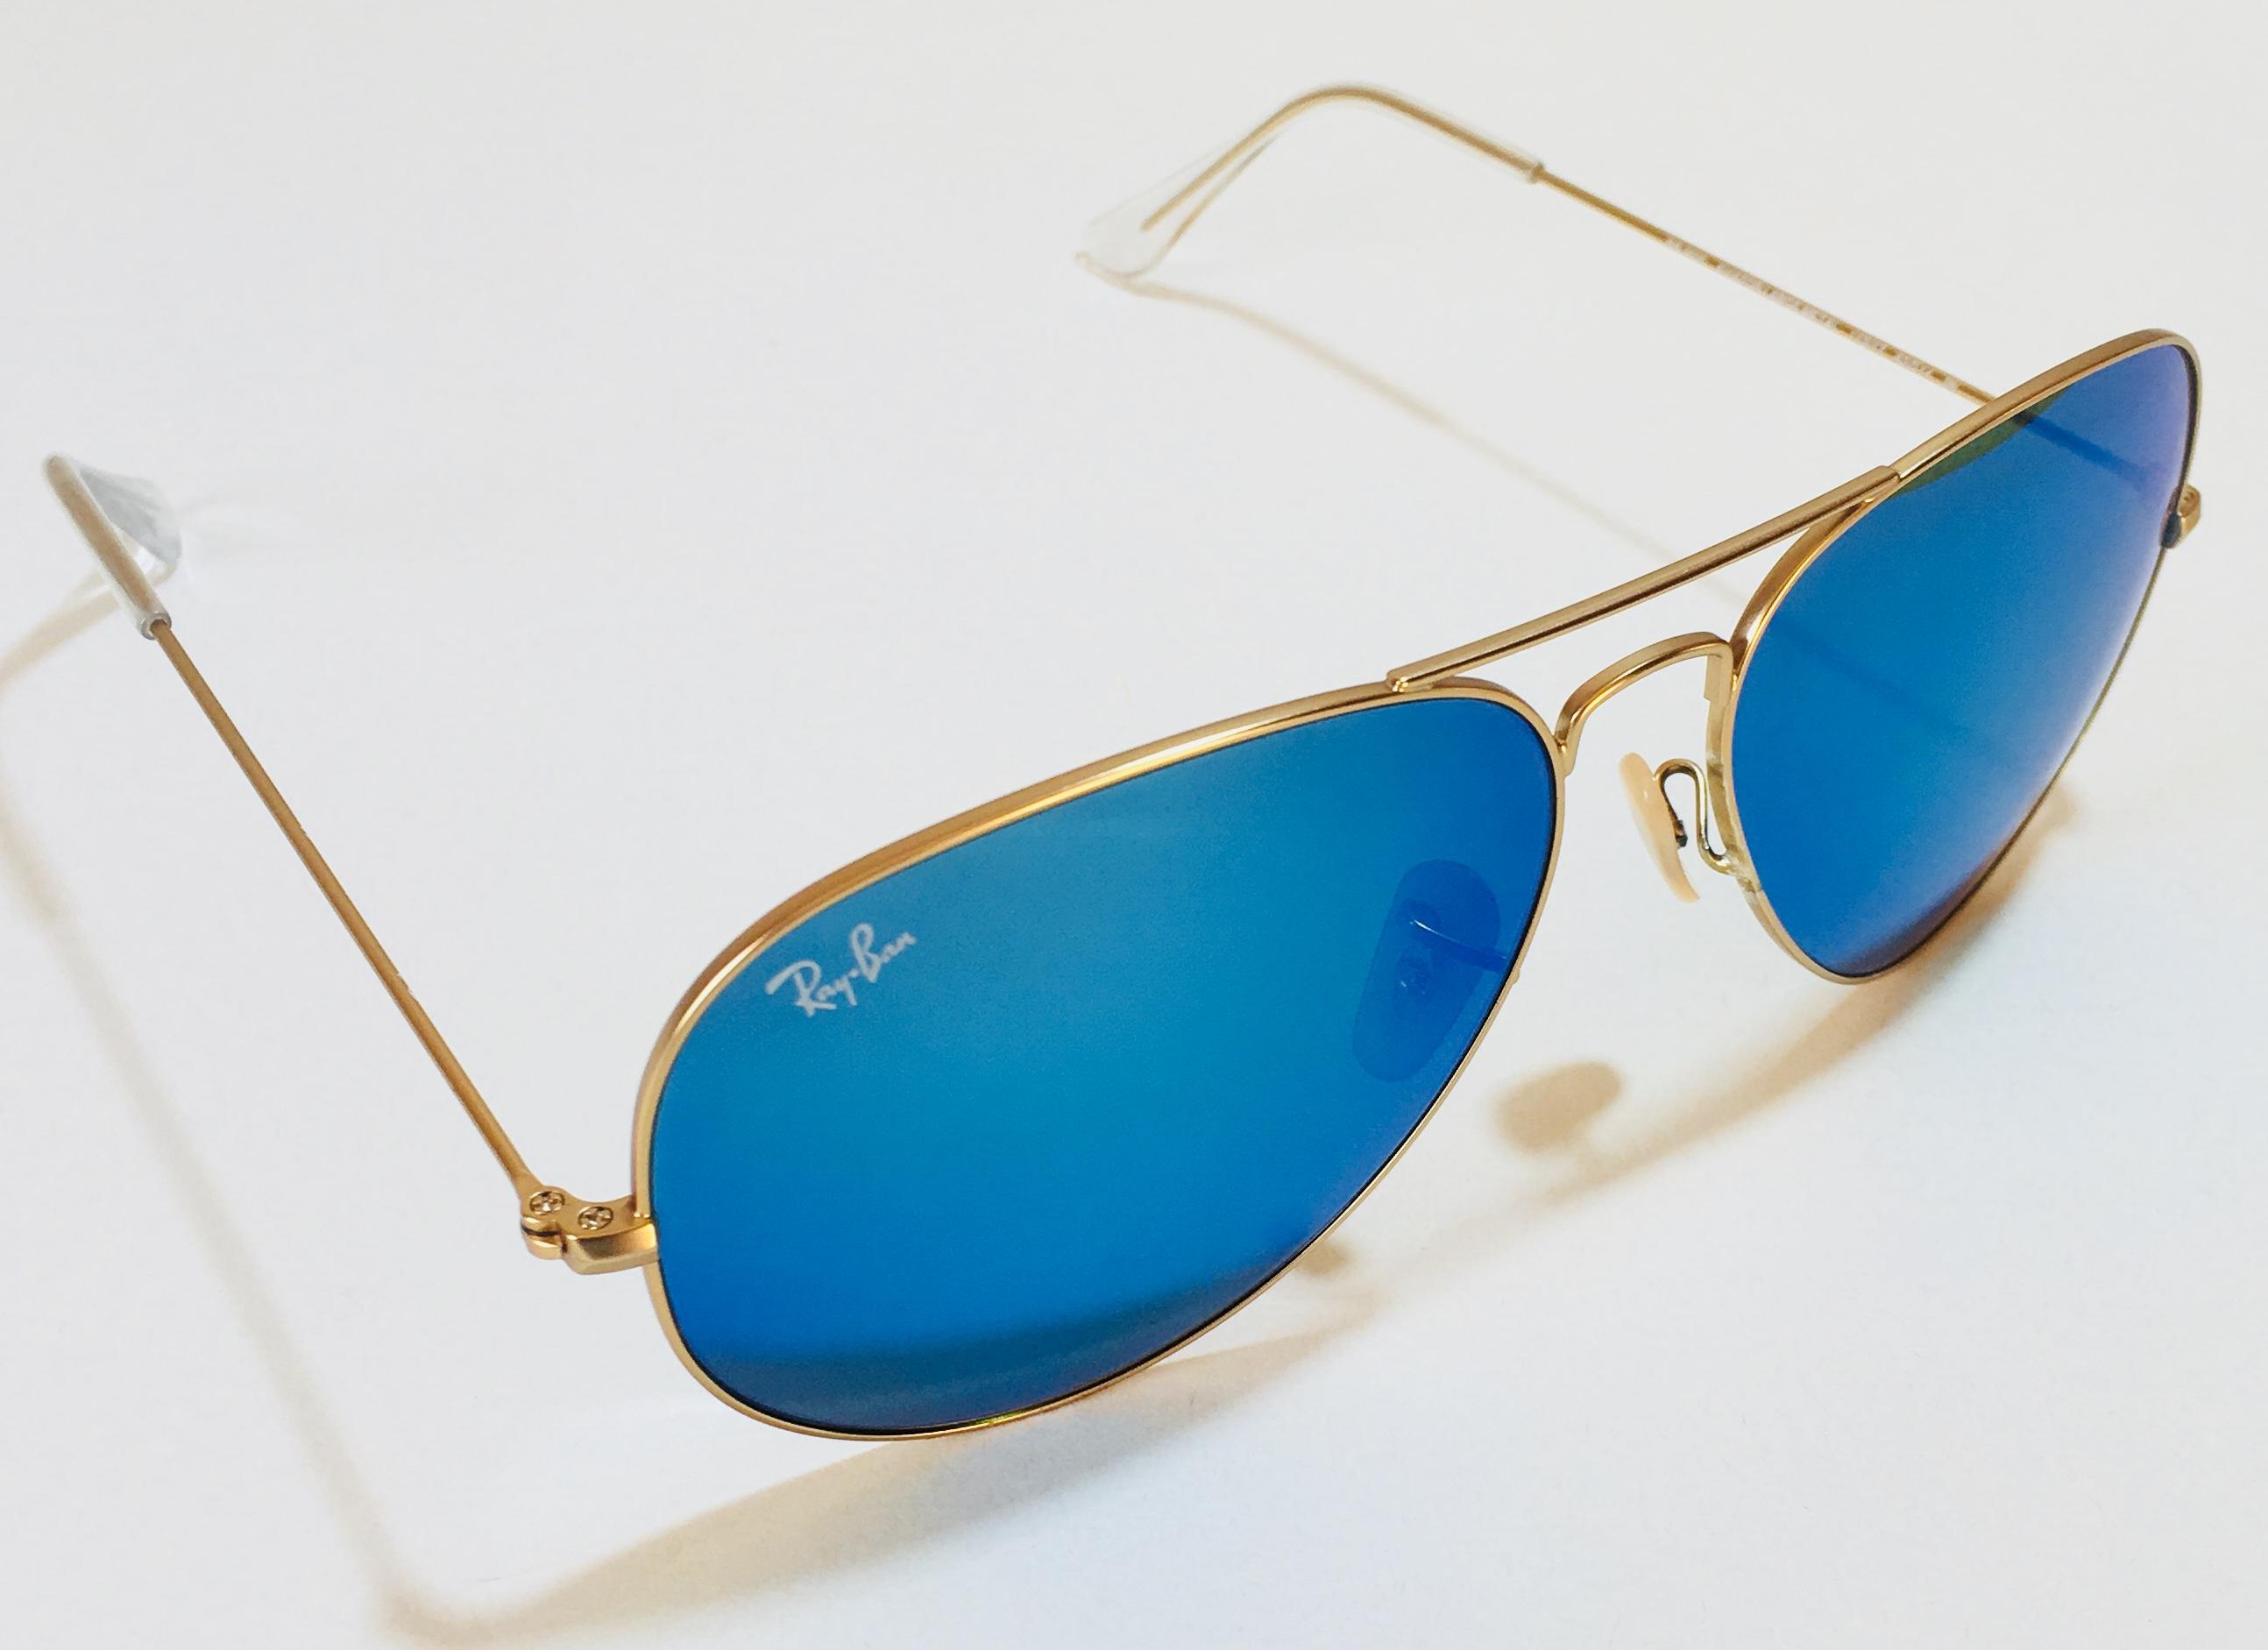 Купить очки Ray Ban Aviator цена отличная!